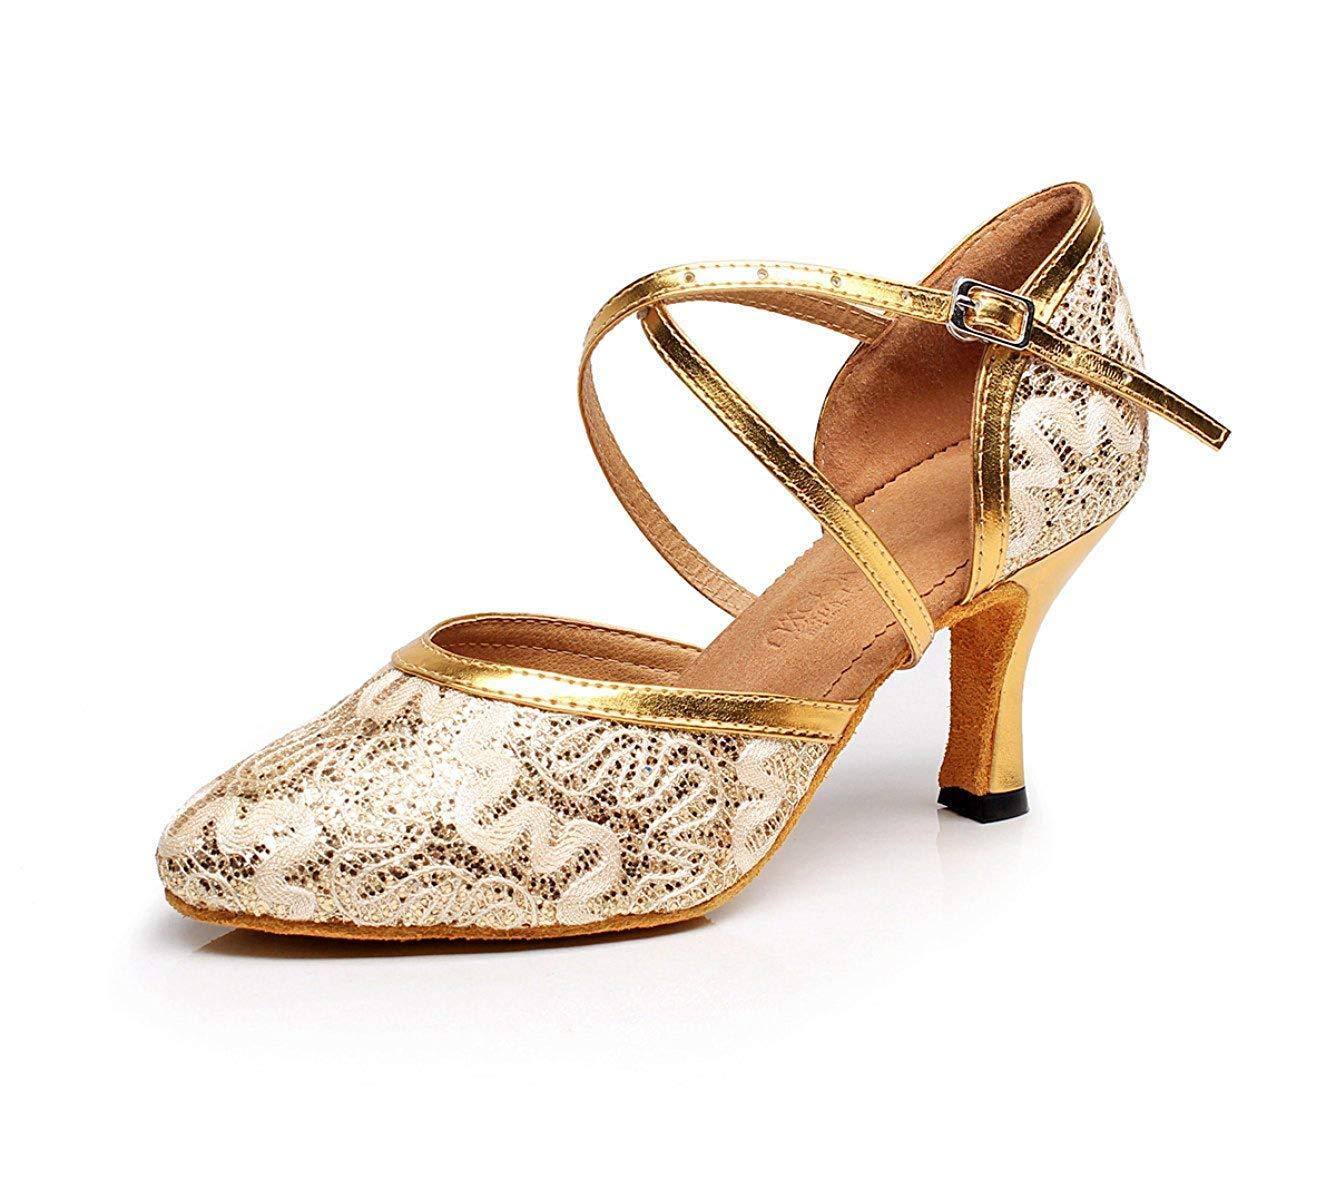 Yingsssq Damenmode Mesh Ballsaal Latin Tango Tanzschuhe Damen Weiche Sohle Absatzschuhe für Tanzunterricht Gold-heeled7.5cm-UK4.5   EU36   Our37